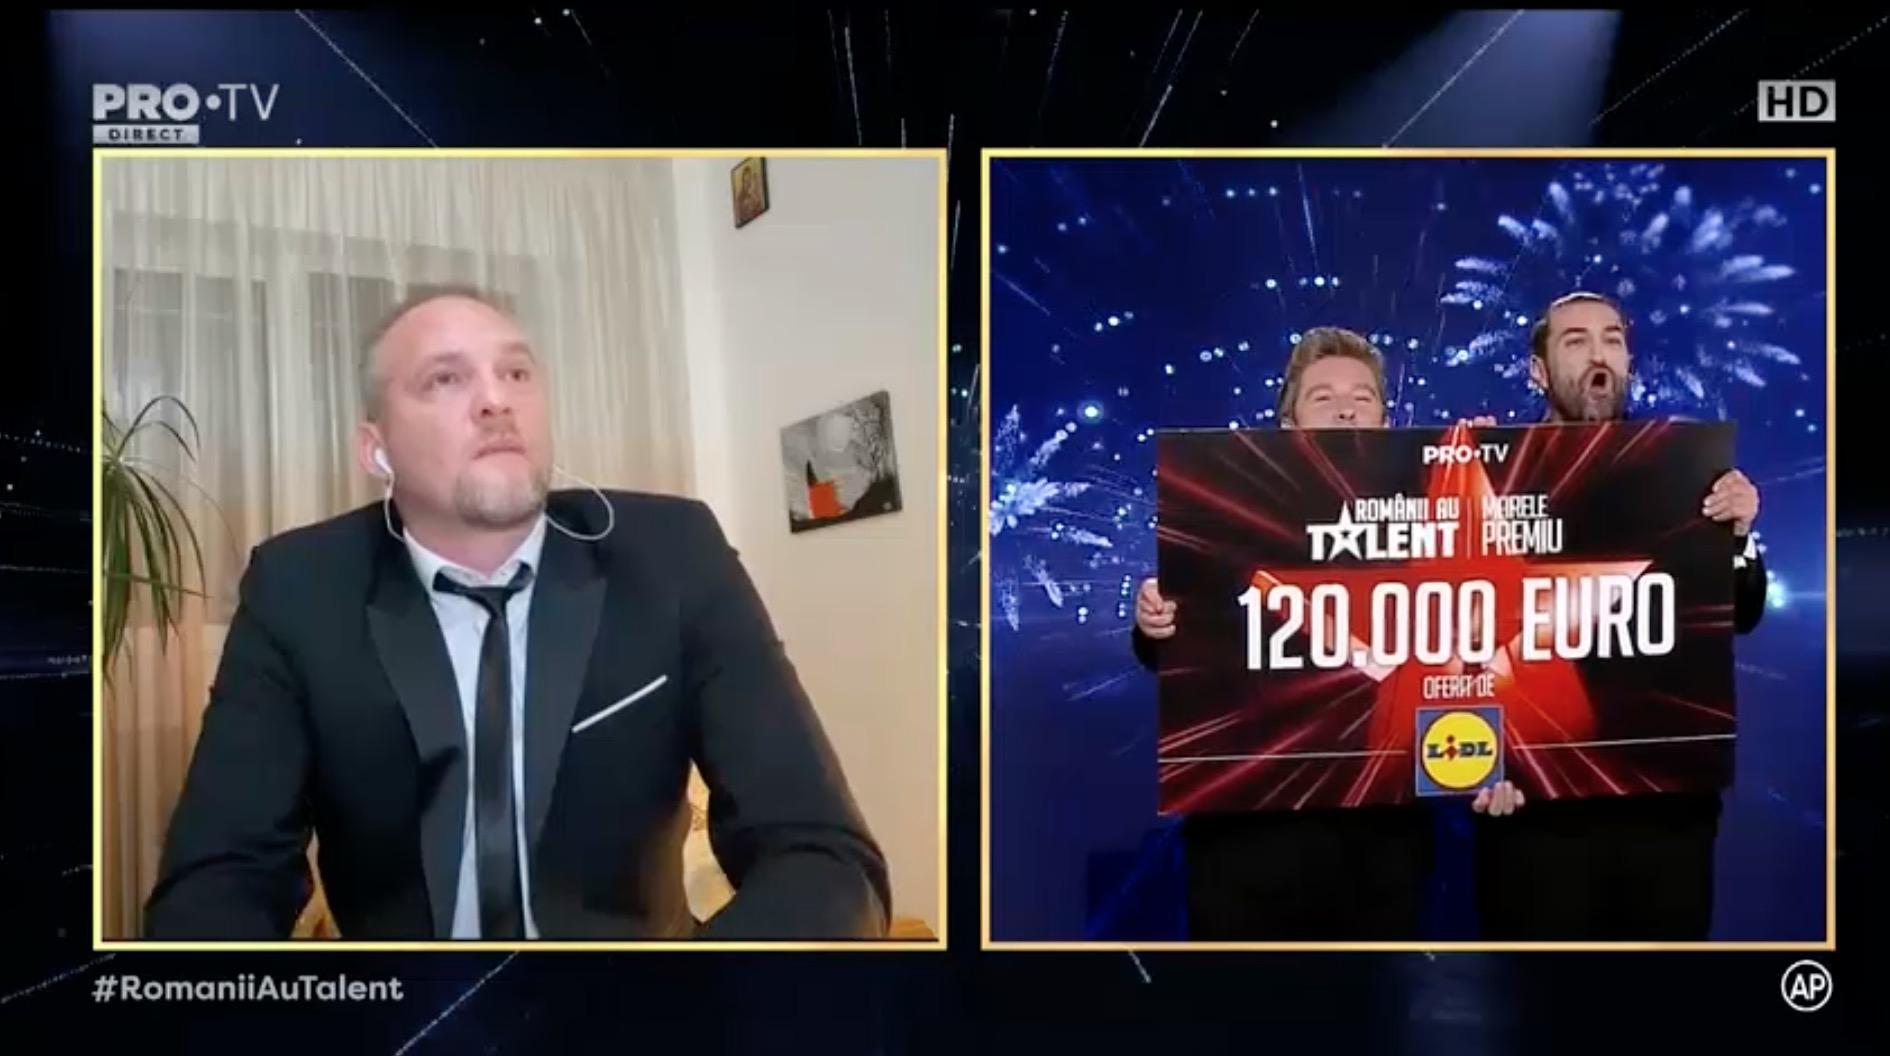 Câștigătorul Românii au talent 2020: Radu Palaniță. Siena, Vlad Ciobanu premiu de originalitate. Clasament